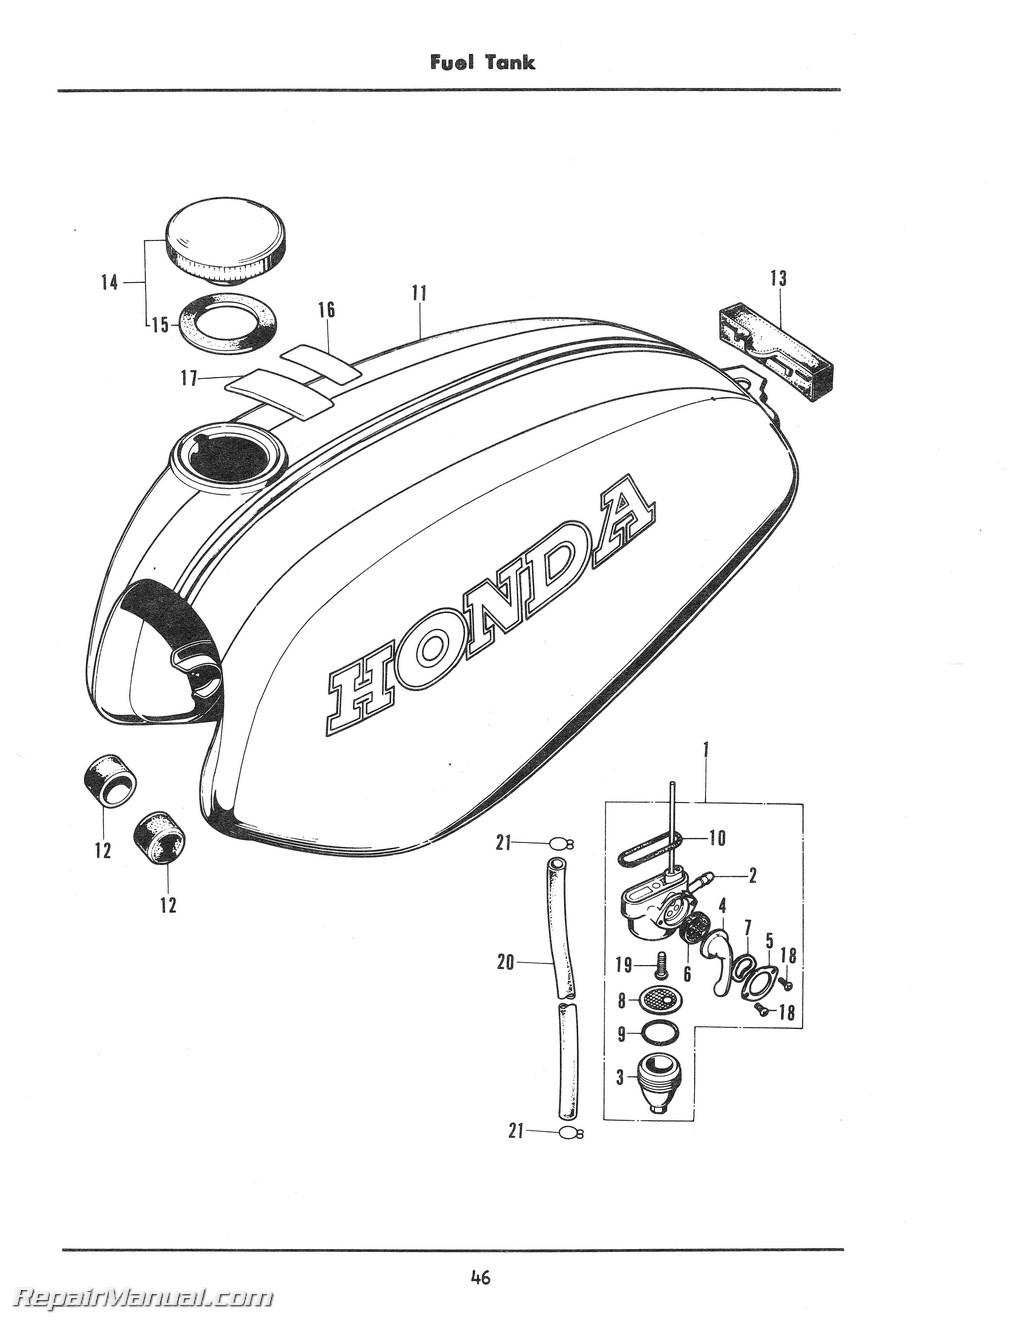 Honda Xl100k Motorcycle Parts Manual